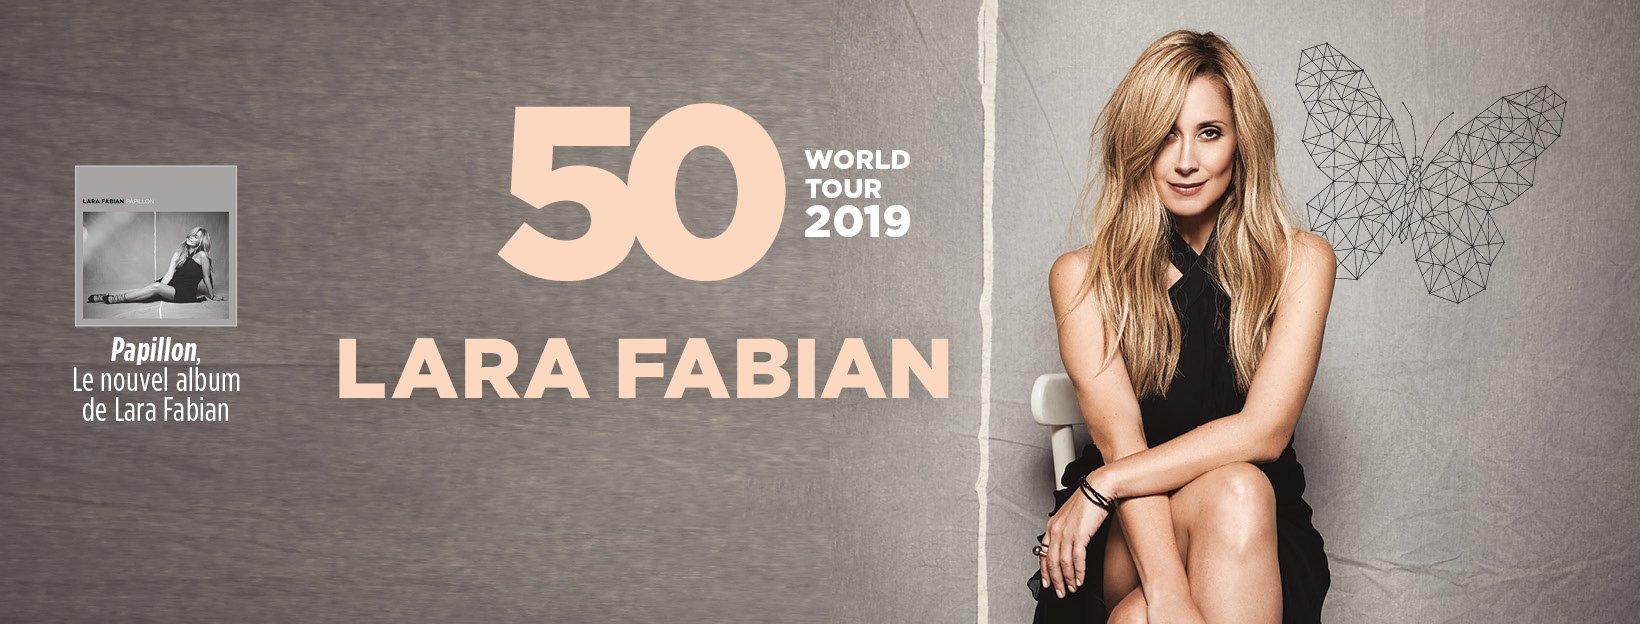 828X315-Lara Fabian